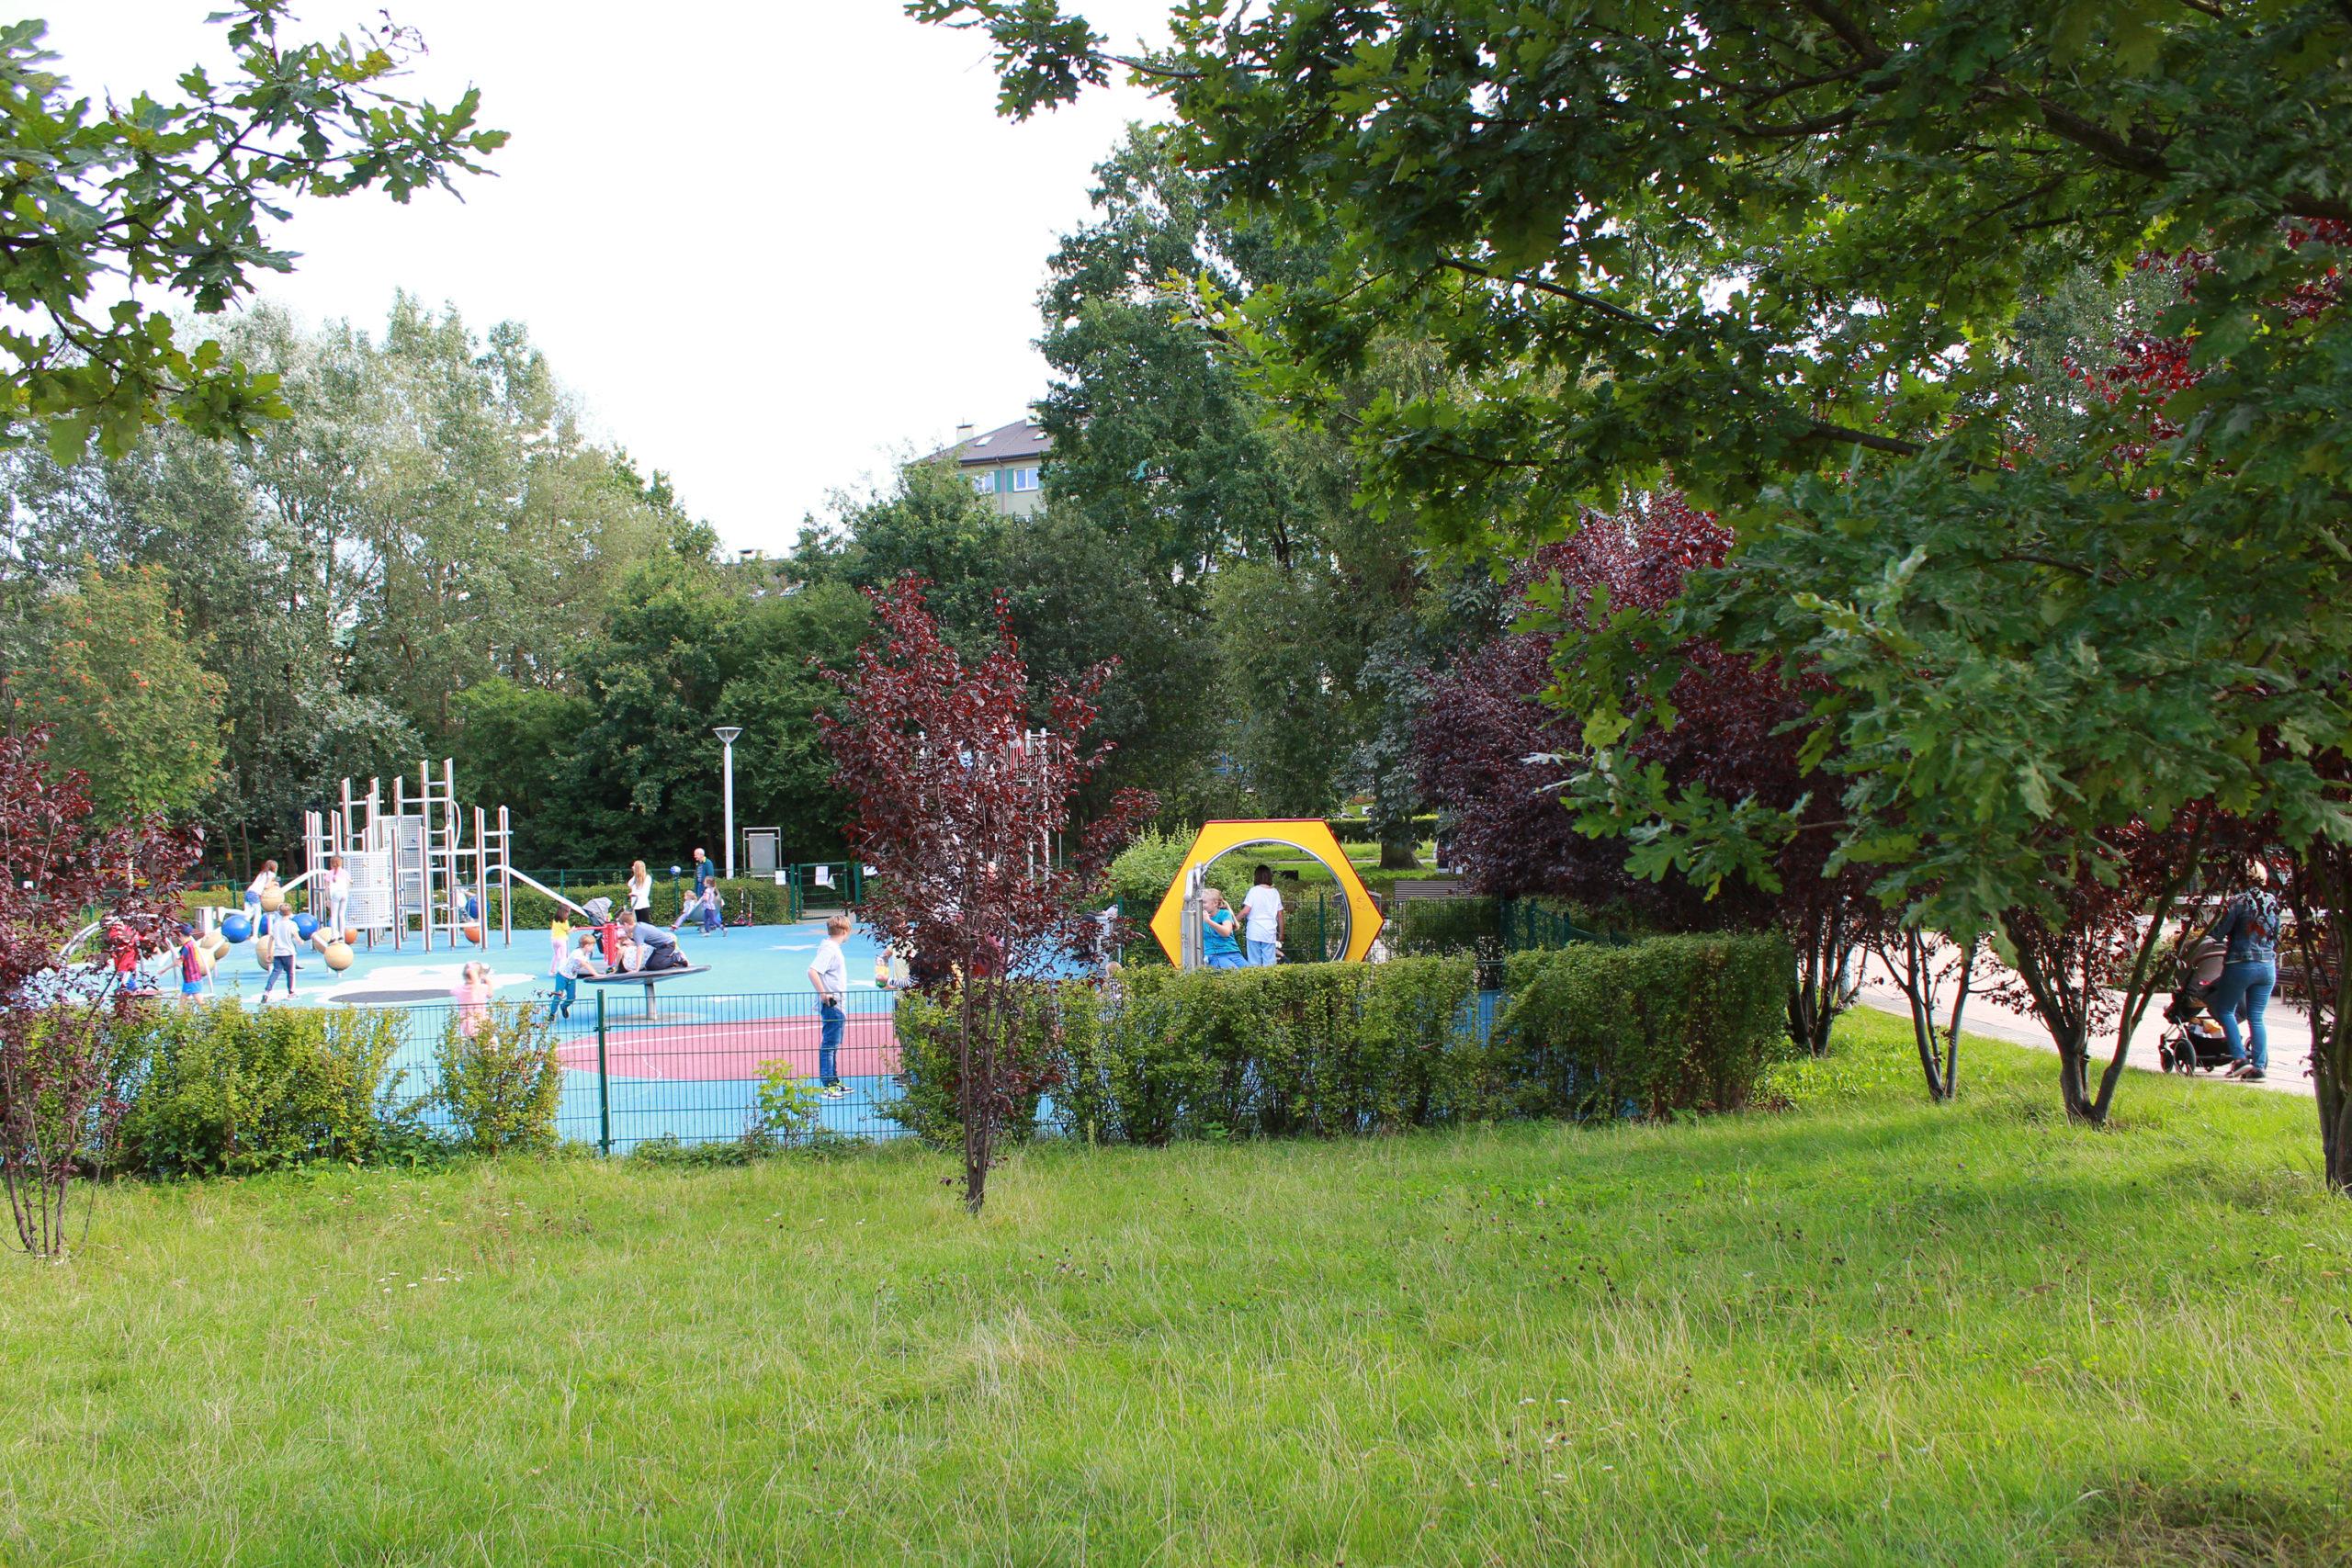 plac zabaw wśród zieleni